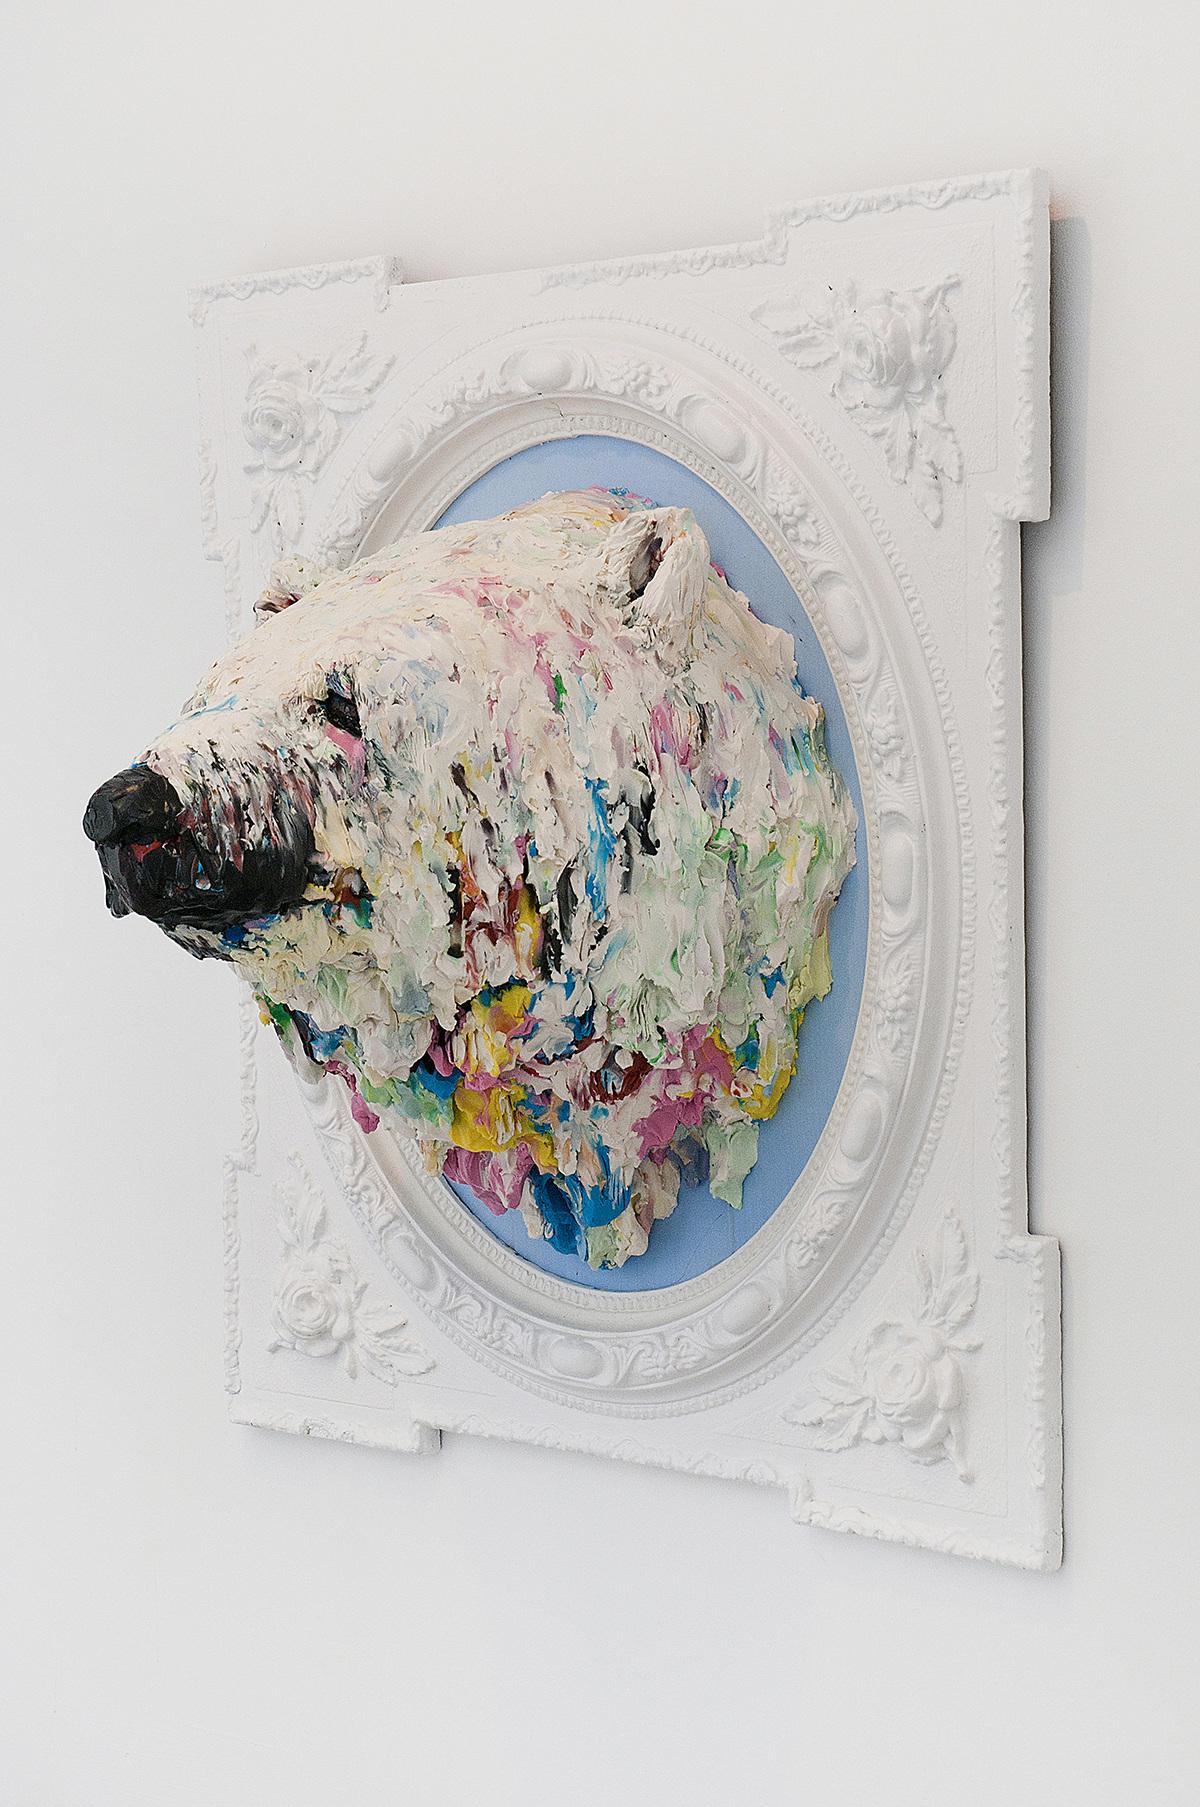 Cabeza de oso polar.  Plastilina sobre madera 80 x 95 x 45 cm, 2011